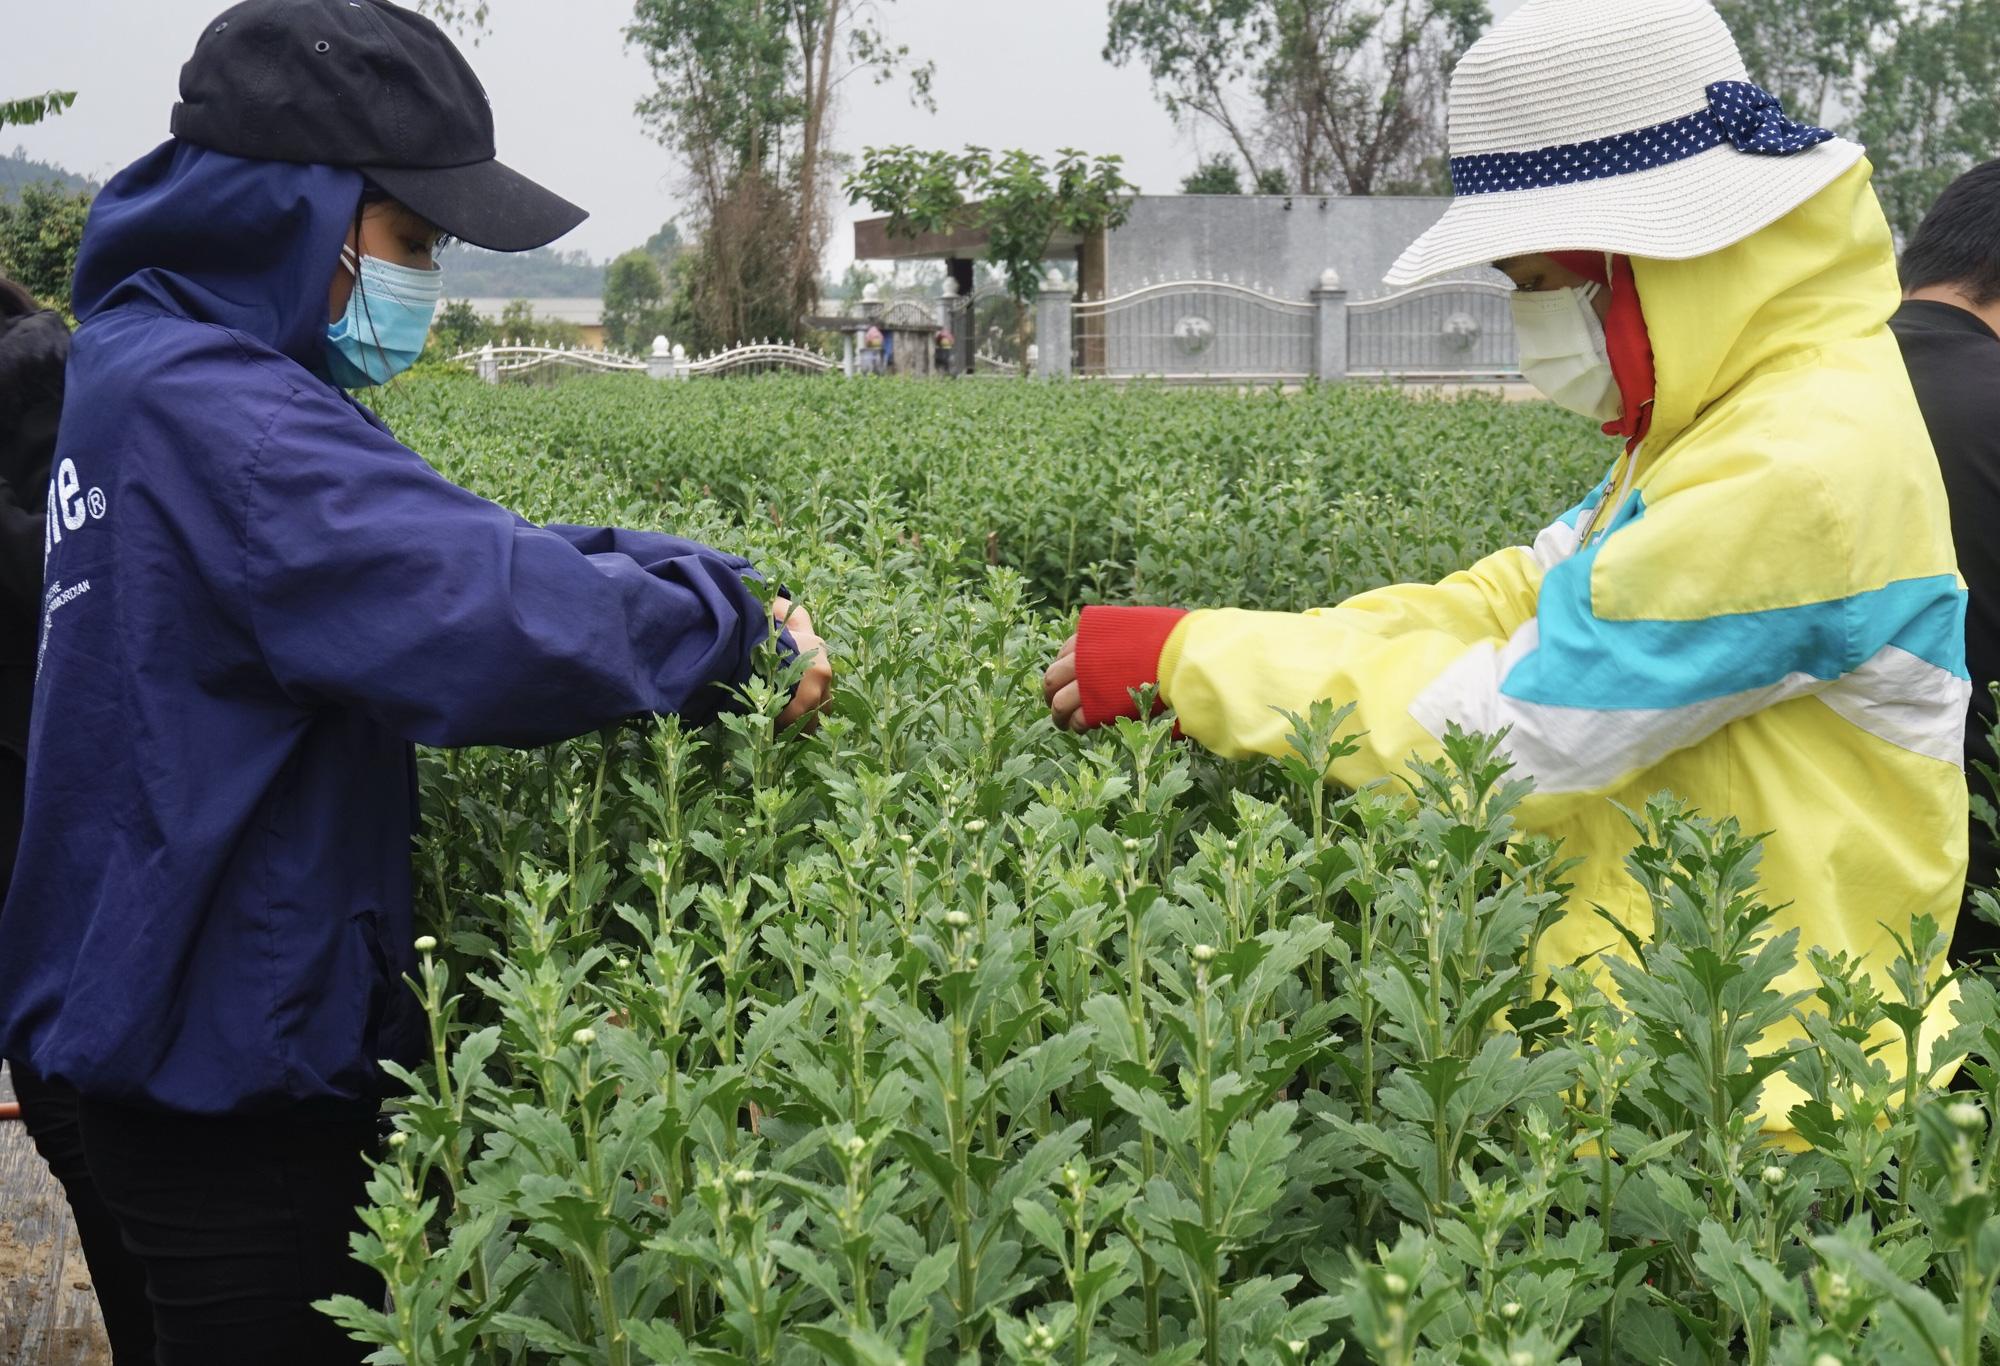 Đà Nẵng: Sinh viên làm nông kiếm tiền triệu dịp Tết Nguyên đán 2021 - Ảnh 2.